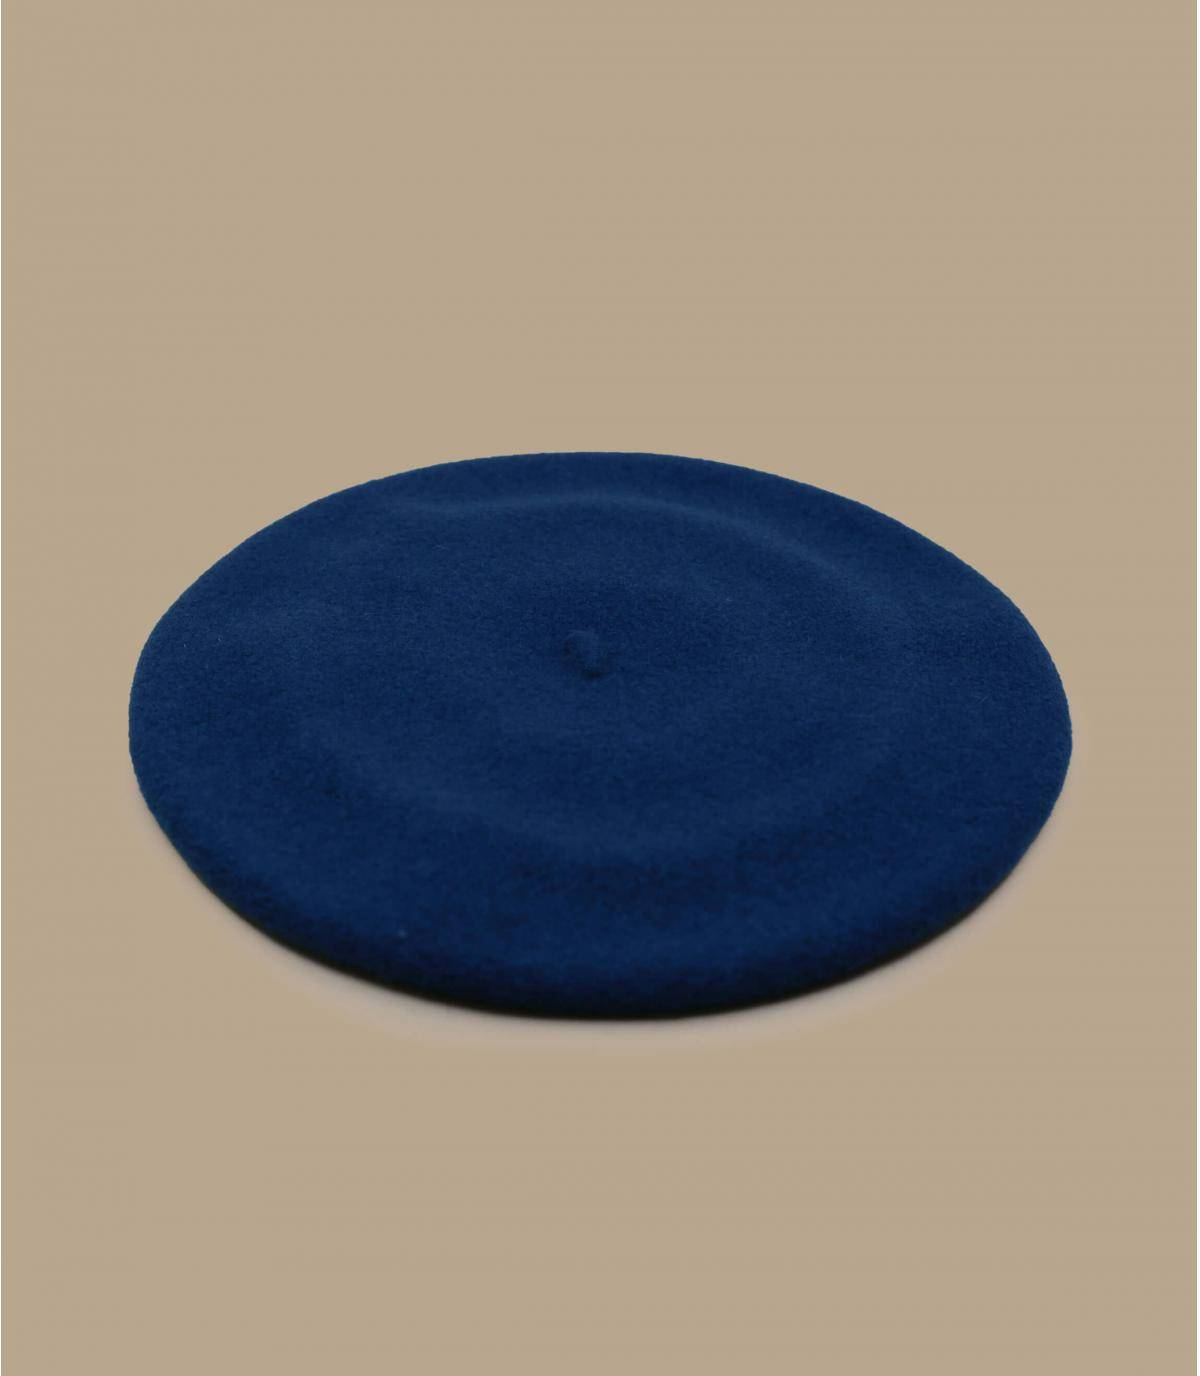 Béret Laulhère bleu